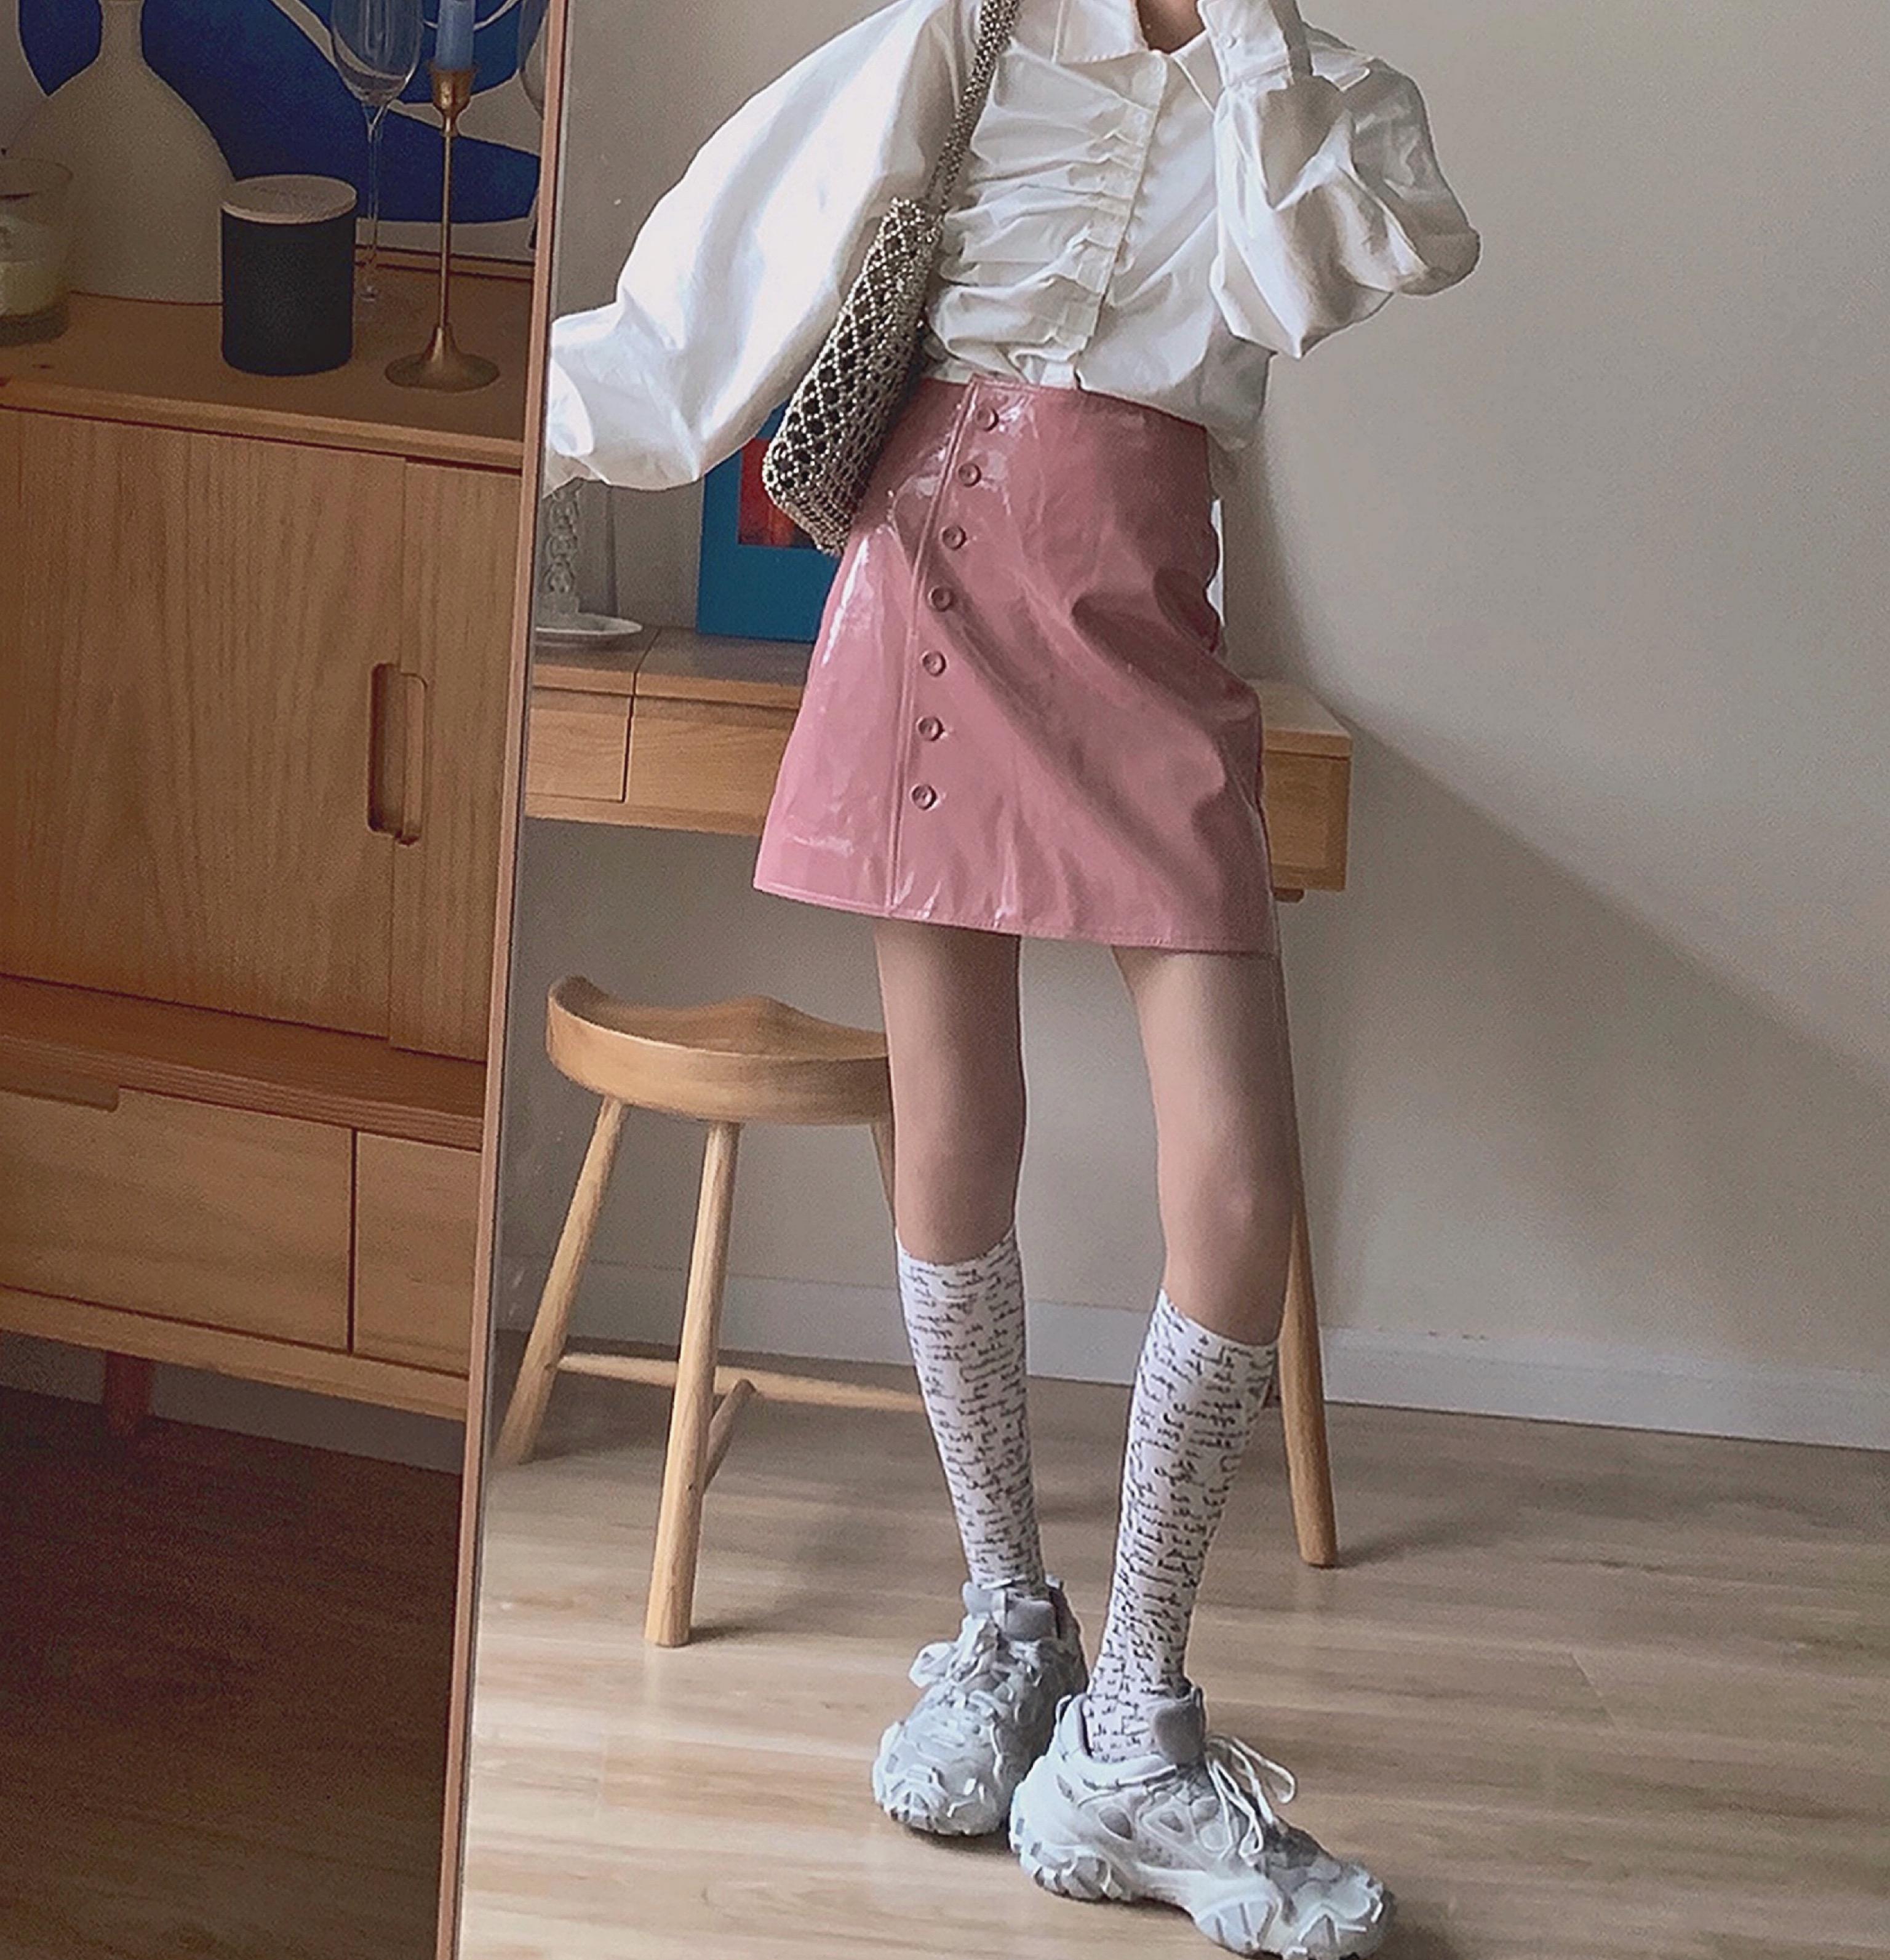 粉色单排扣A字皮裙半身裙高腰纯色短裙女2019年秋季新款三三与ssy